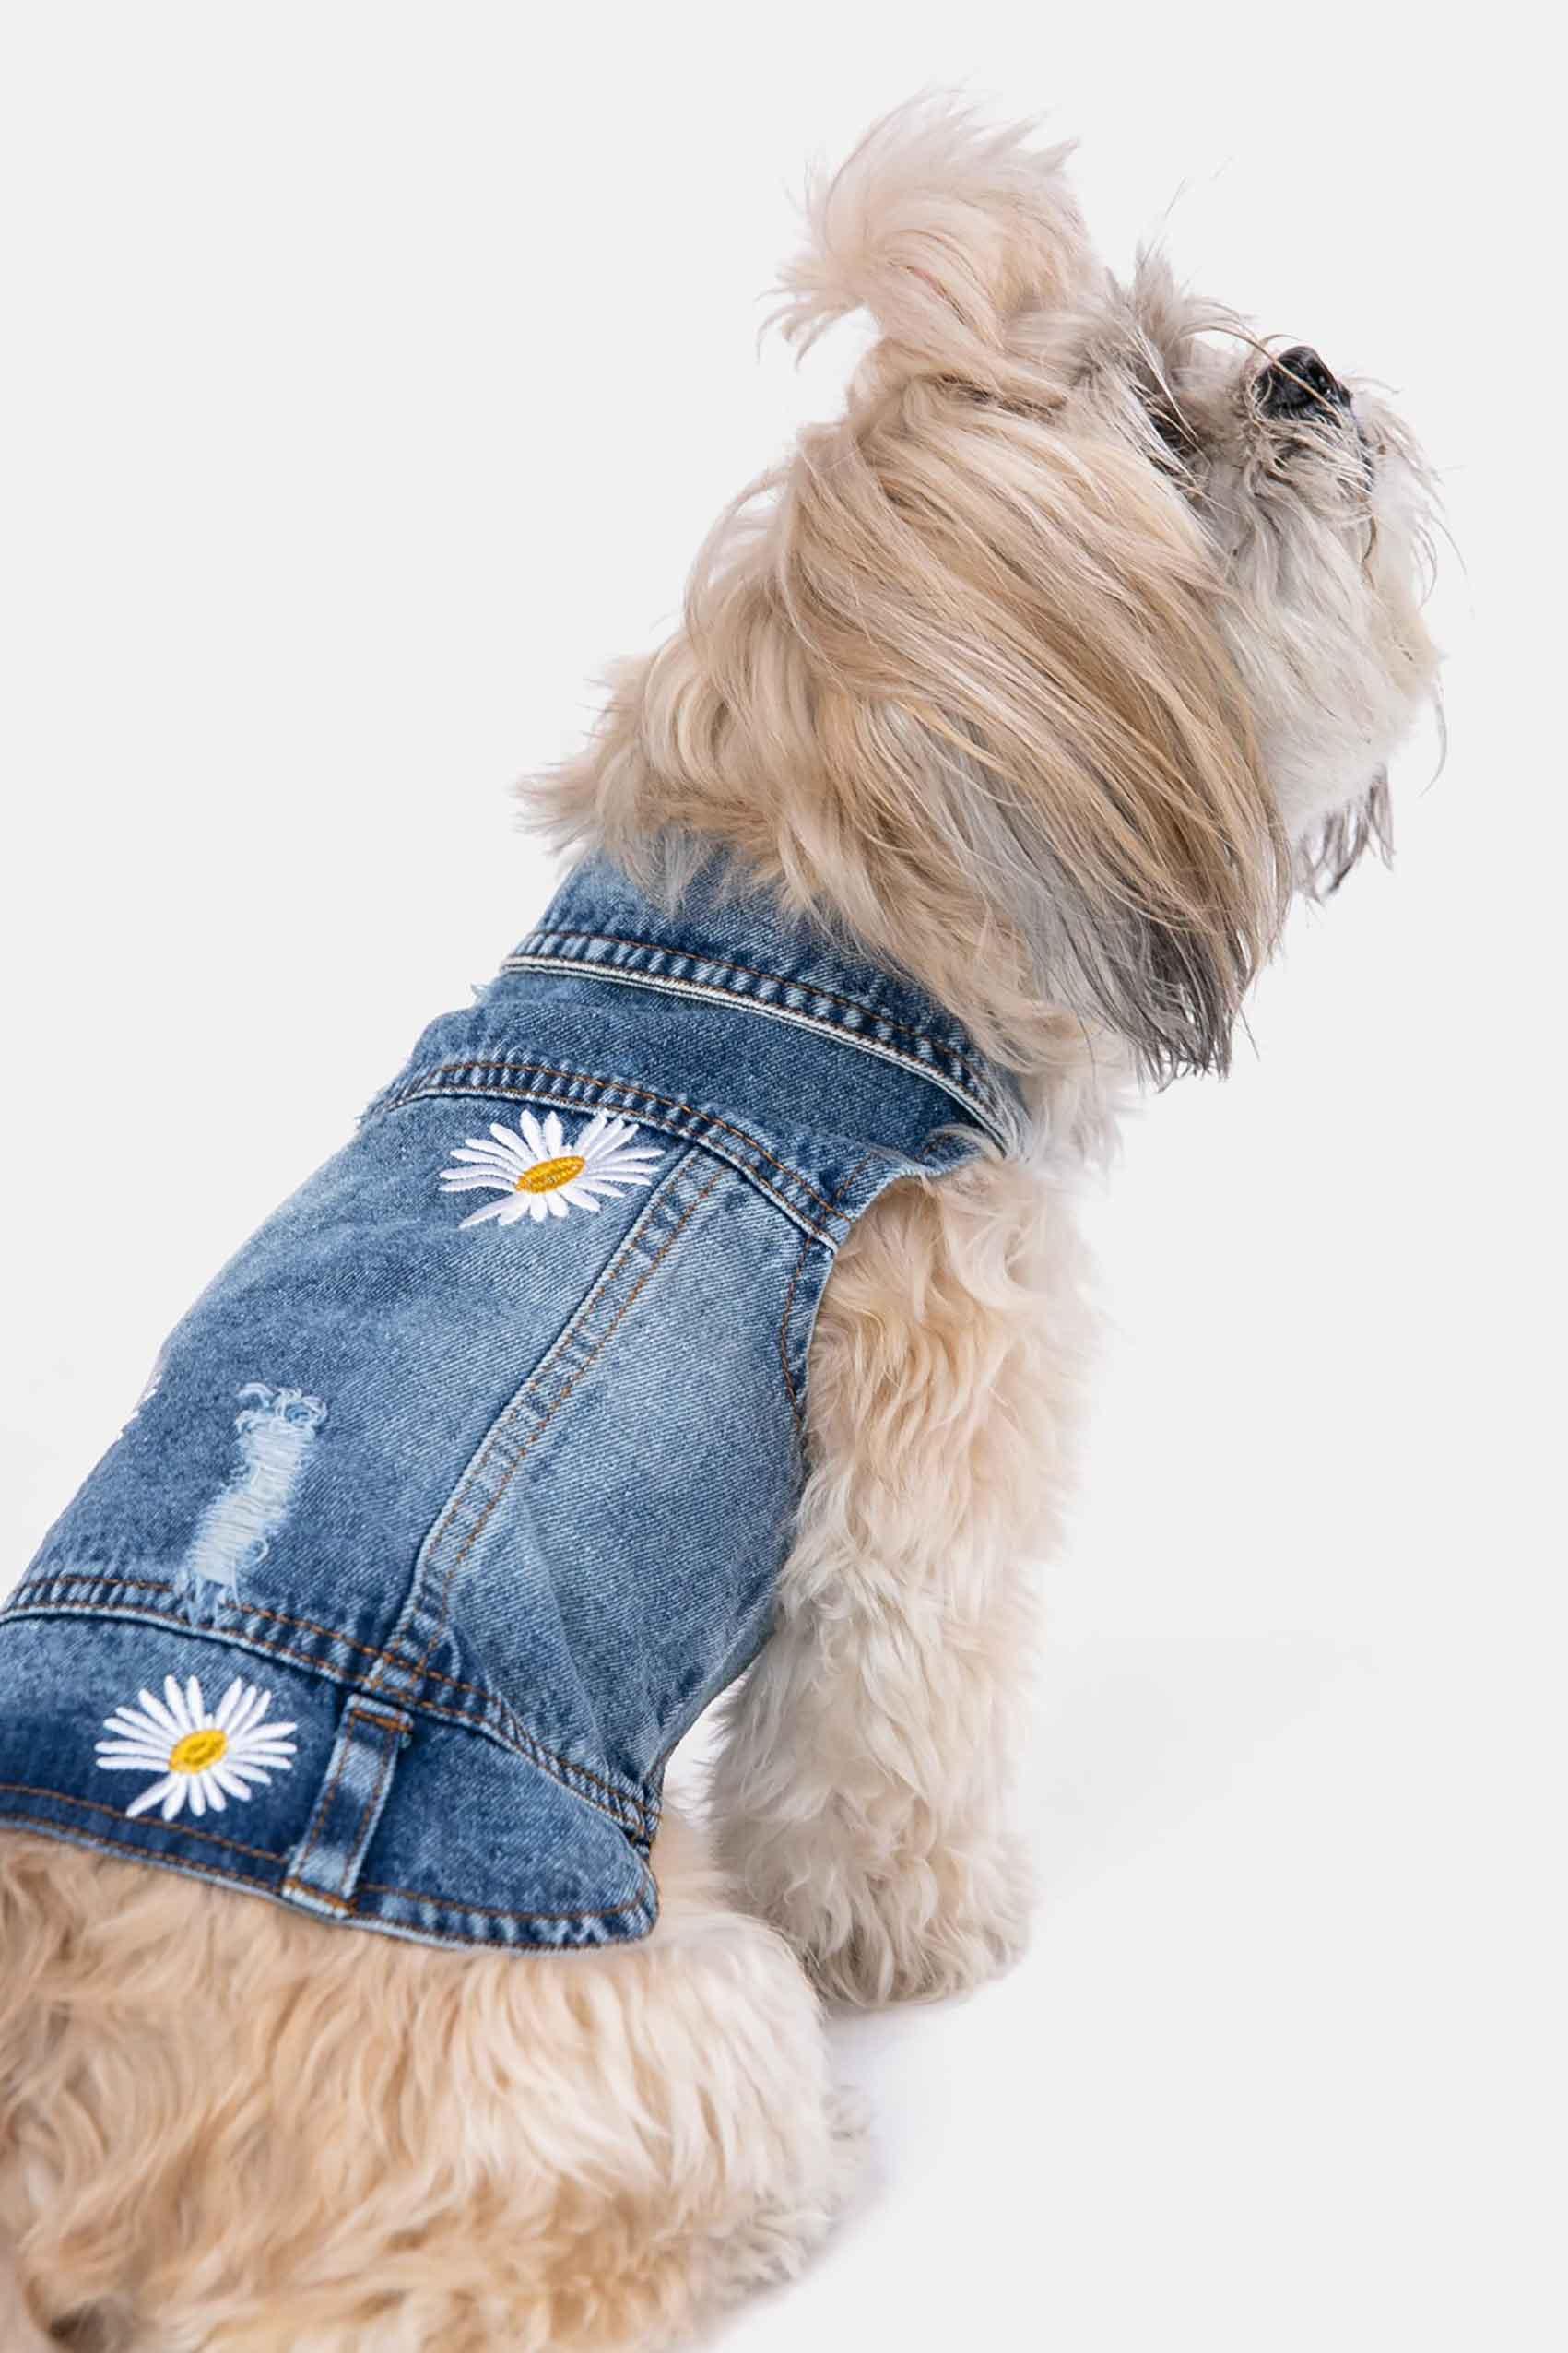 מגזין_אופנה_כלבים_אופנה